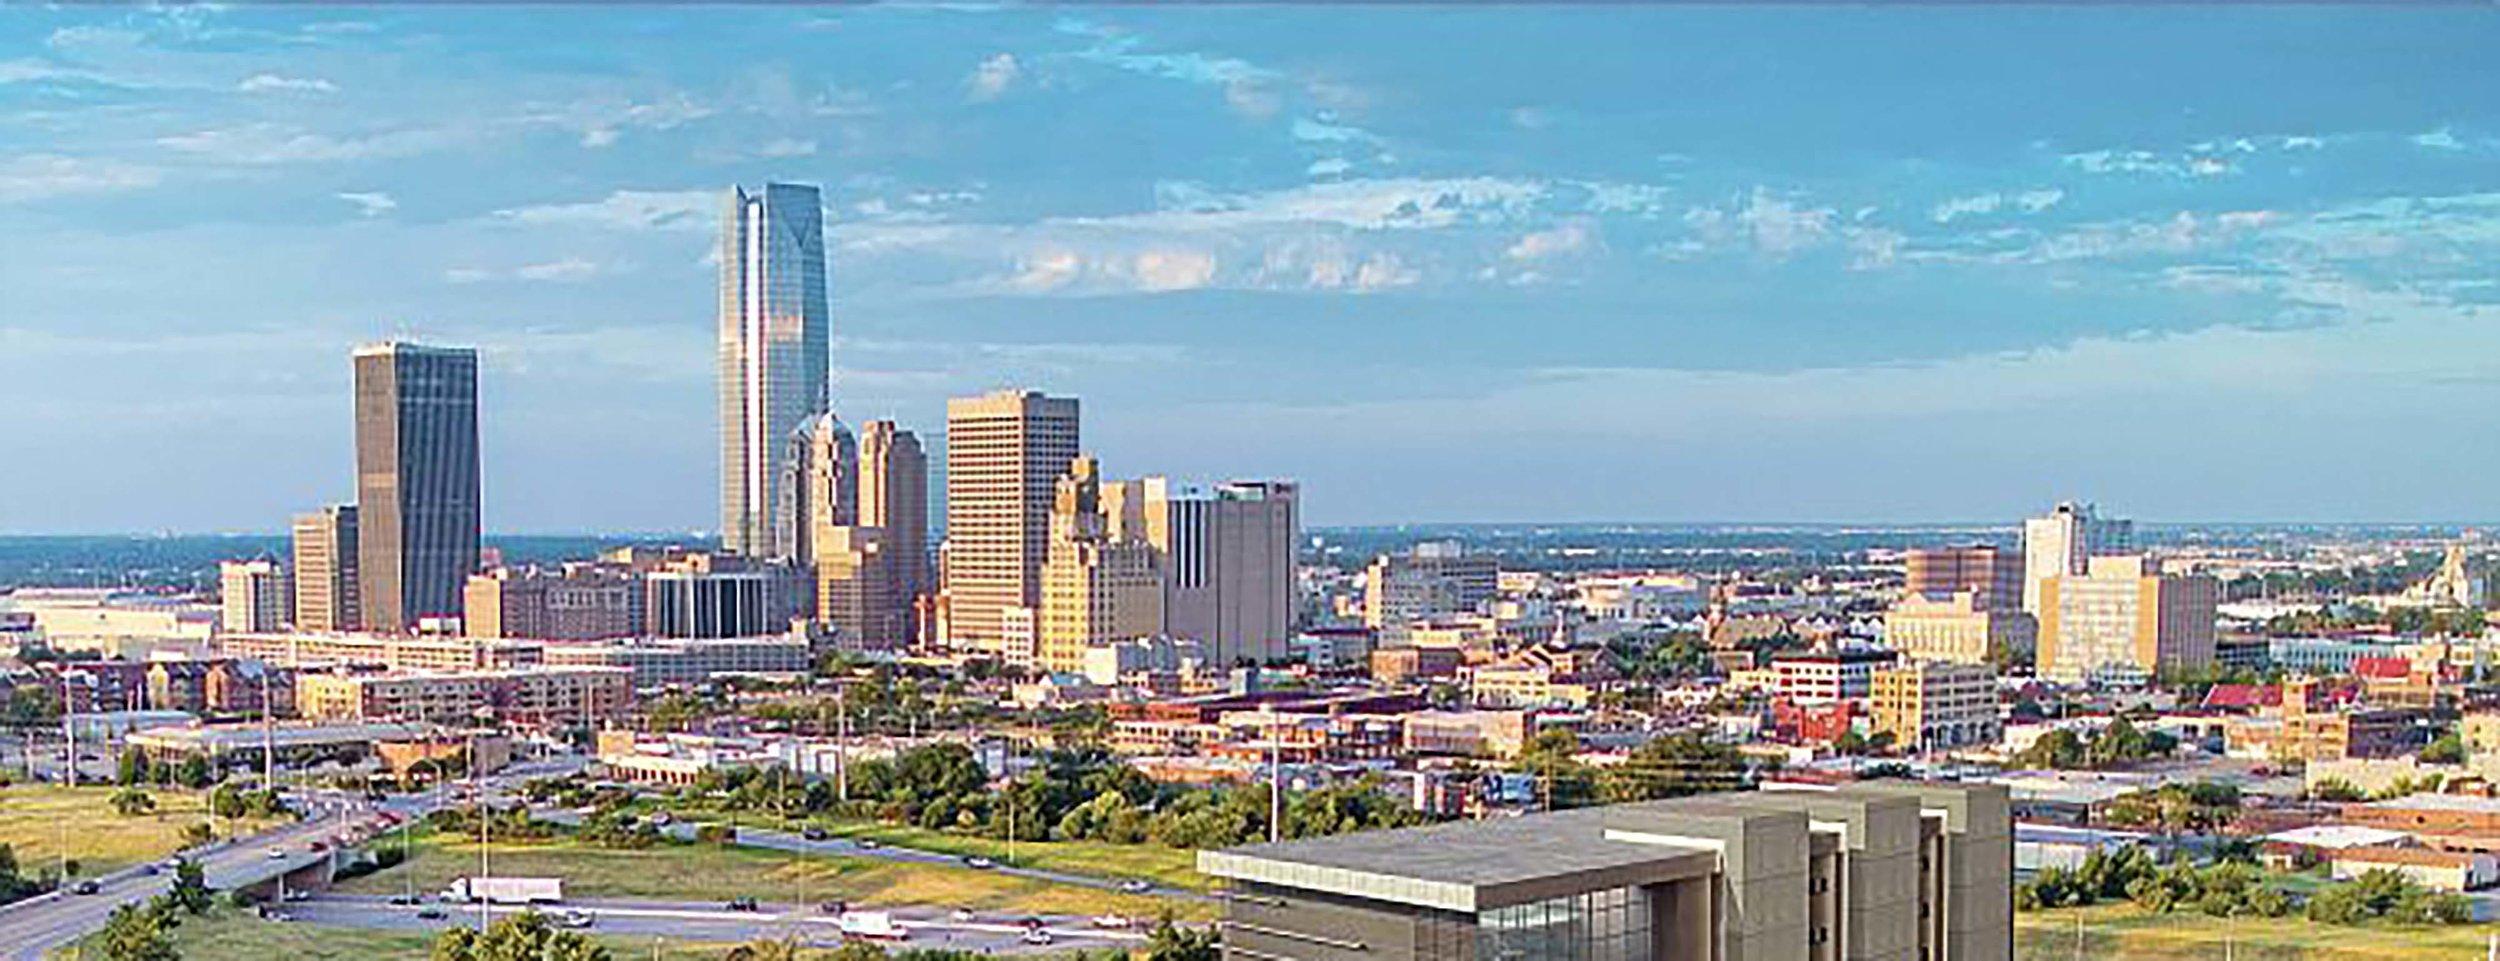 oklahoma-city-skyline2.jpg